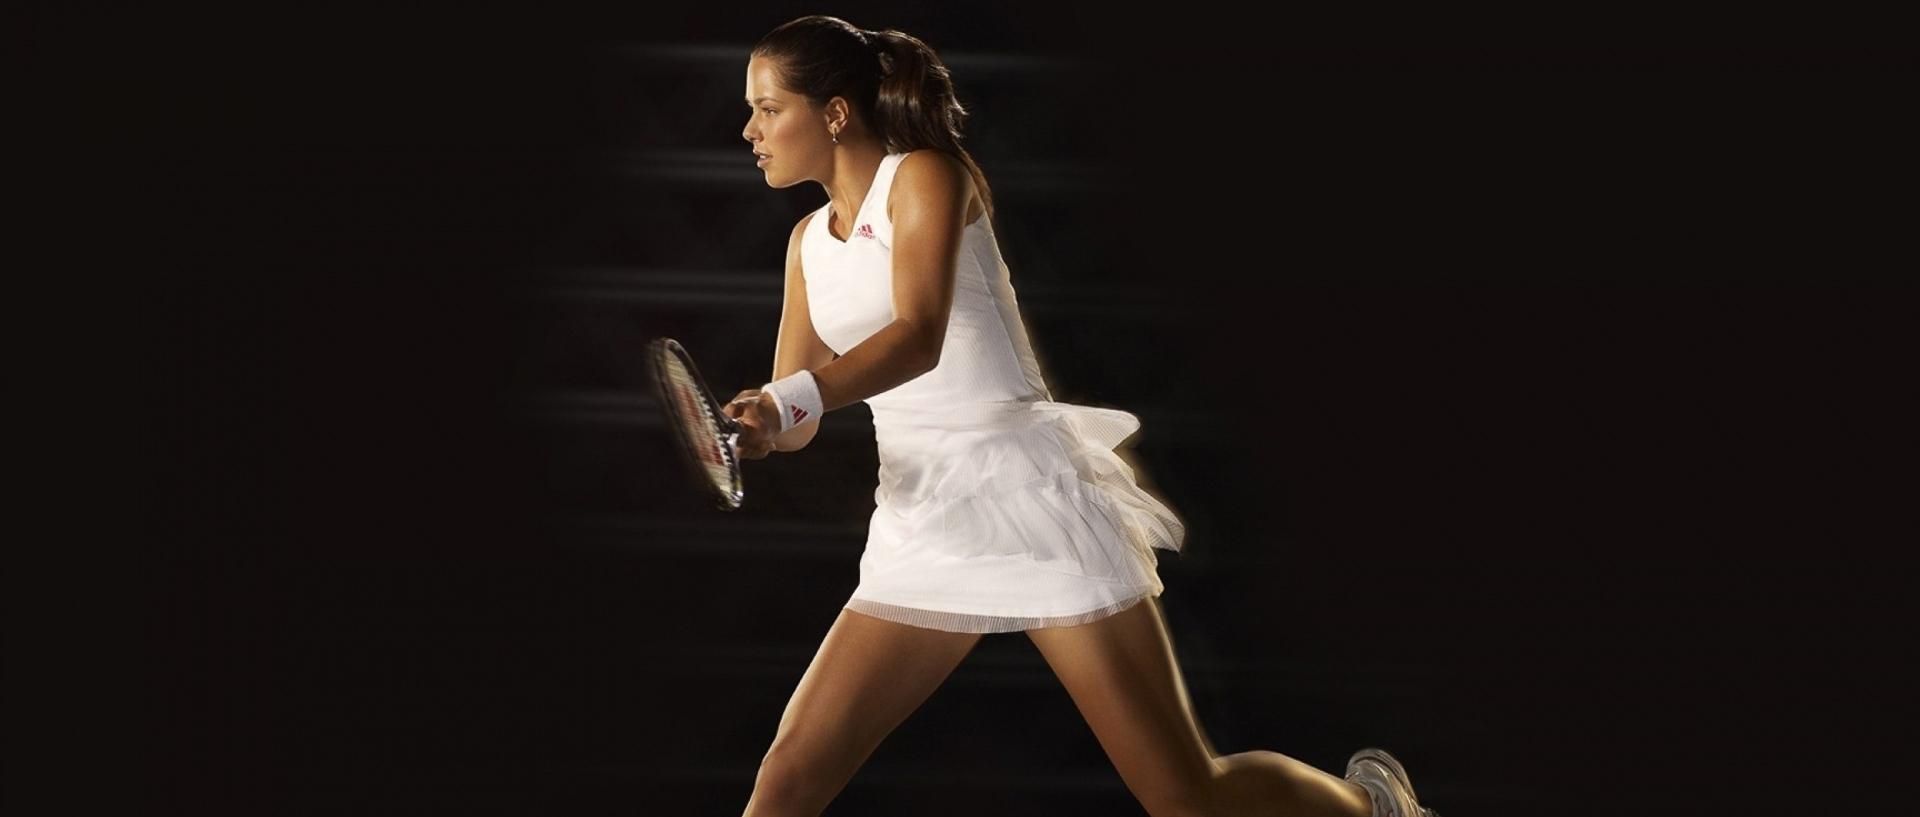 Chica-jugador-de-tenis-1800x2880